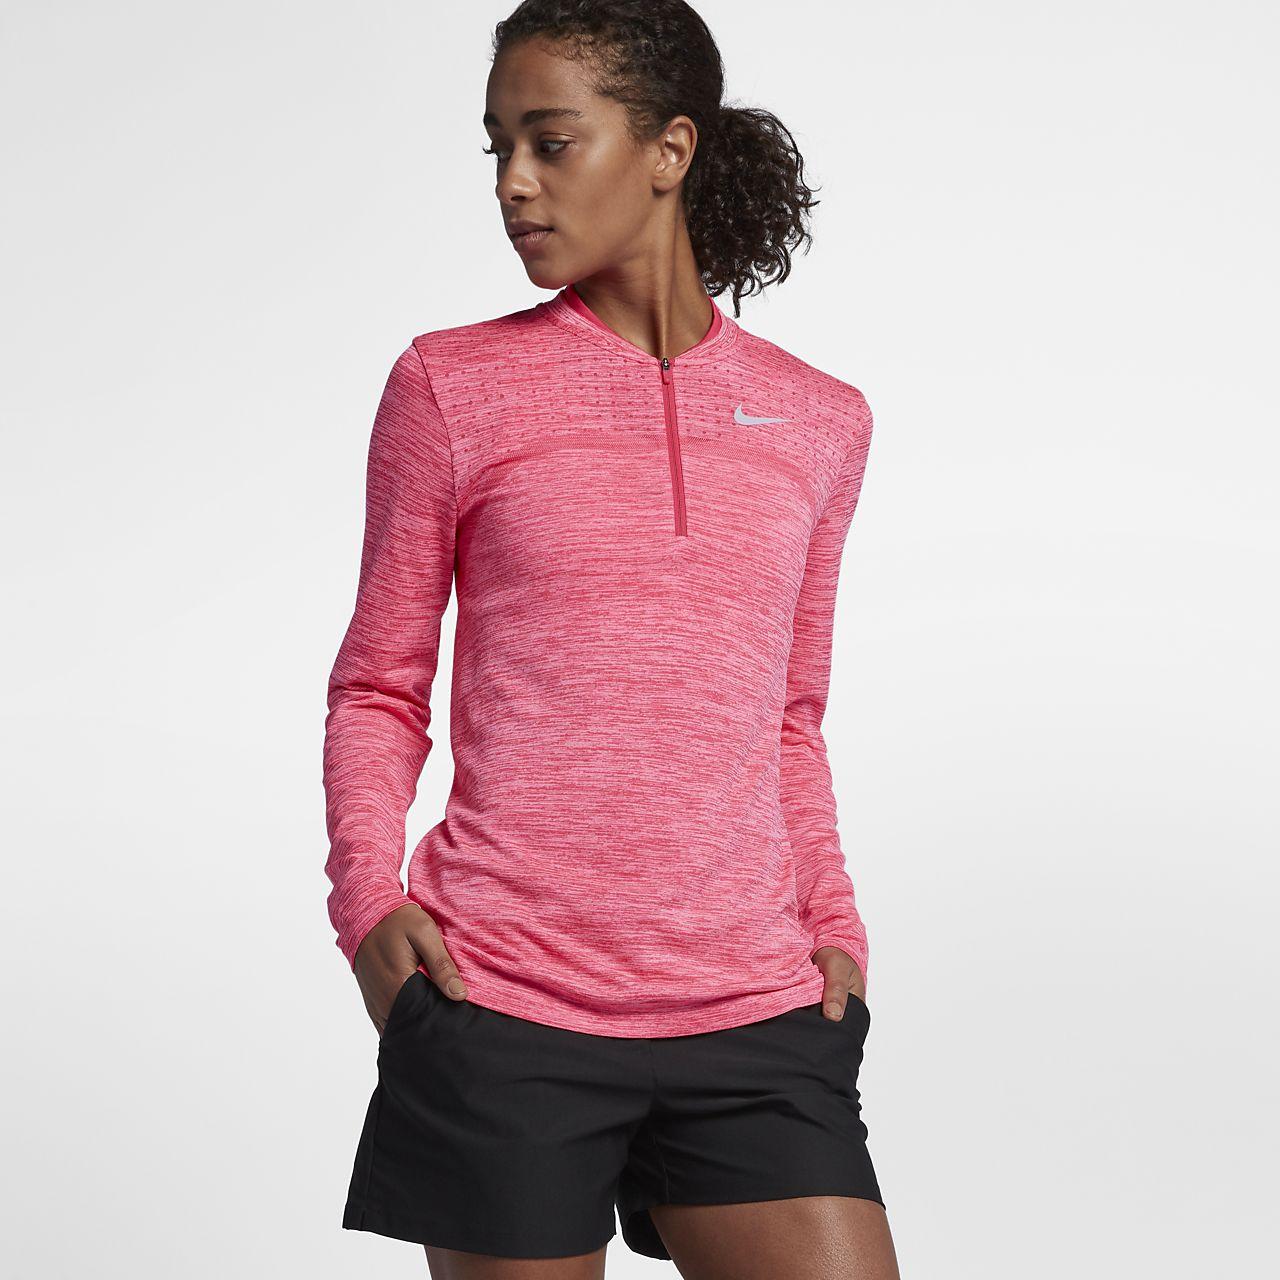 ... Nike Dry Women's Half-Zip Golf Top